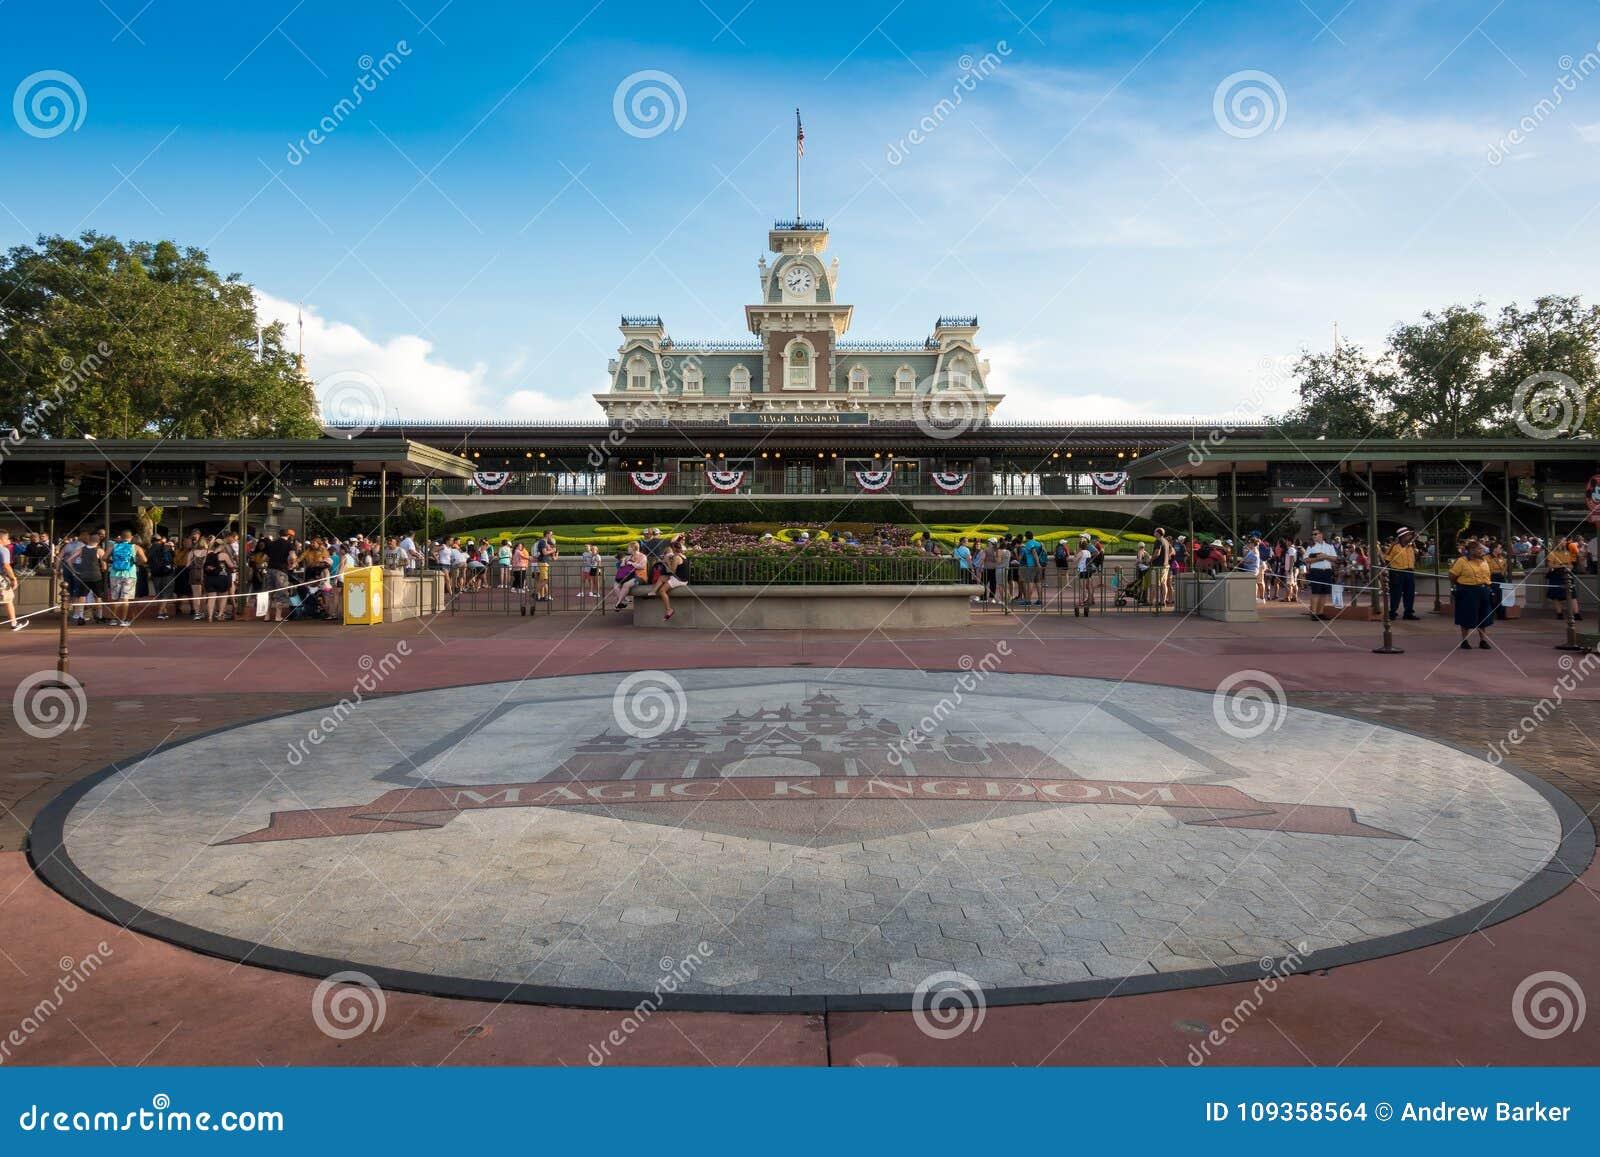 Parque temático mágico del reino